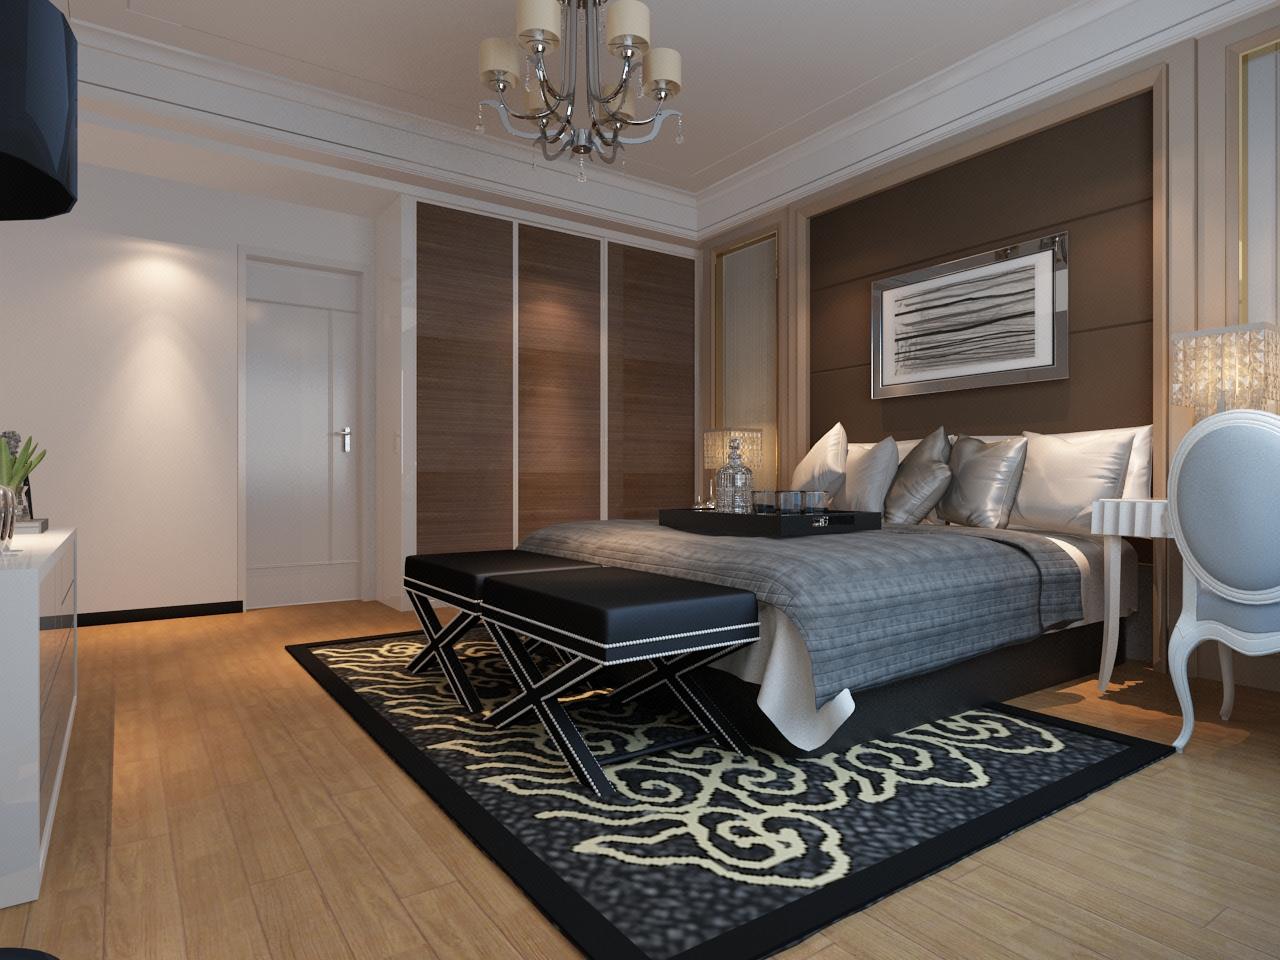 【李栋高端设计】效果图.装修设计室内设计家装设计新房设计3D